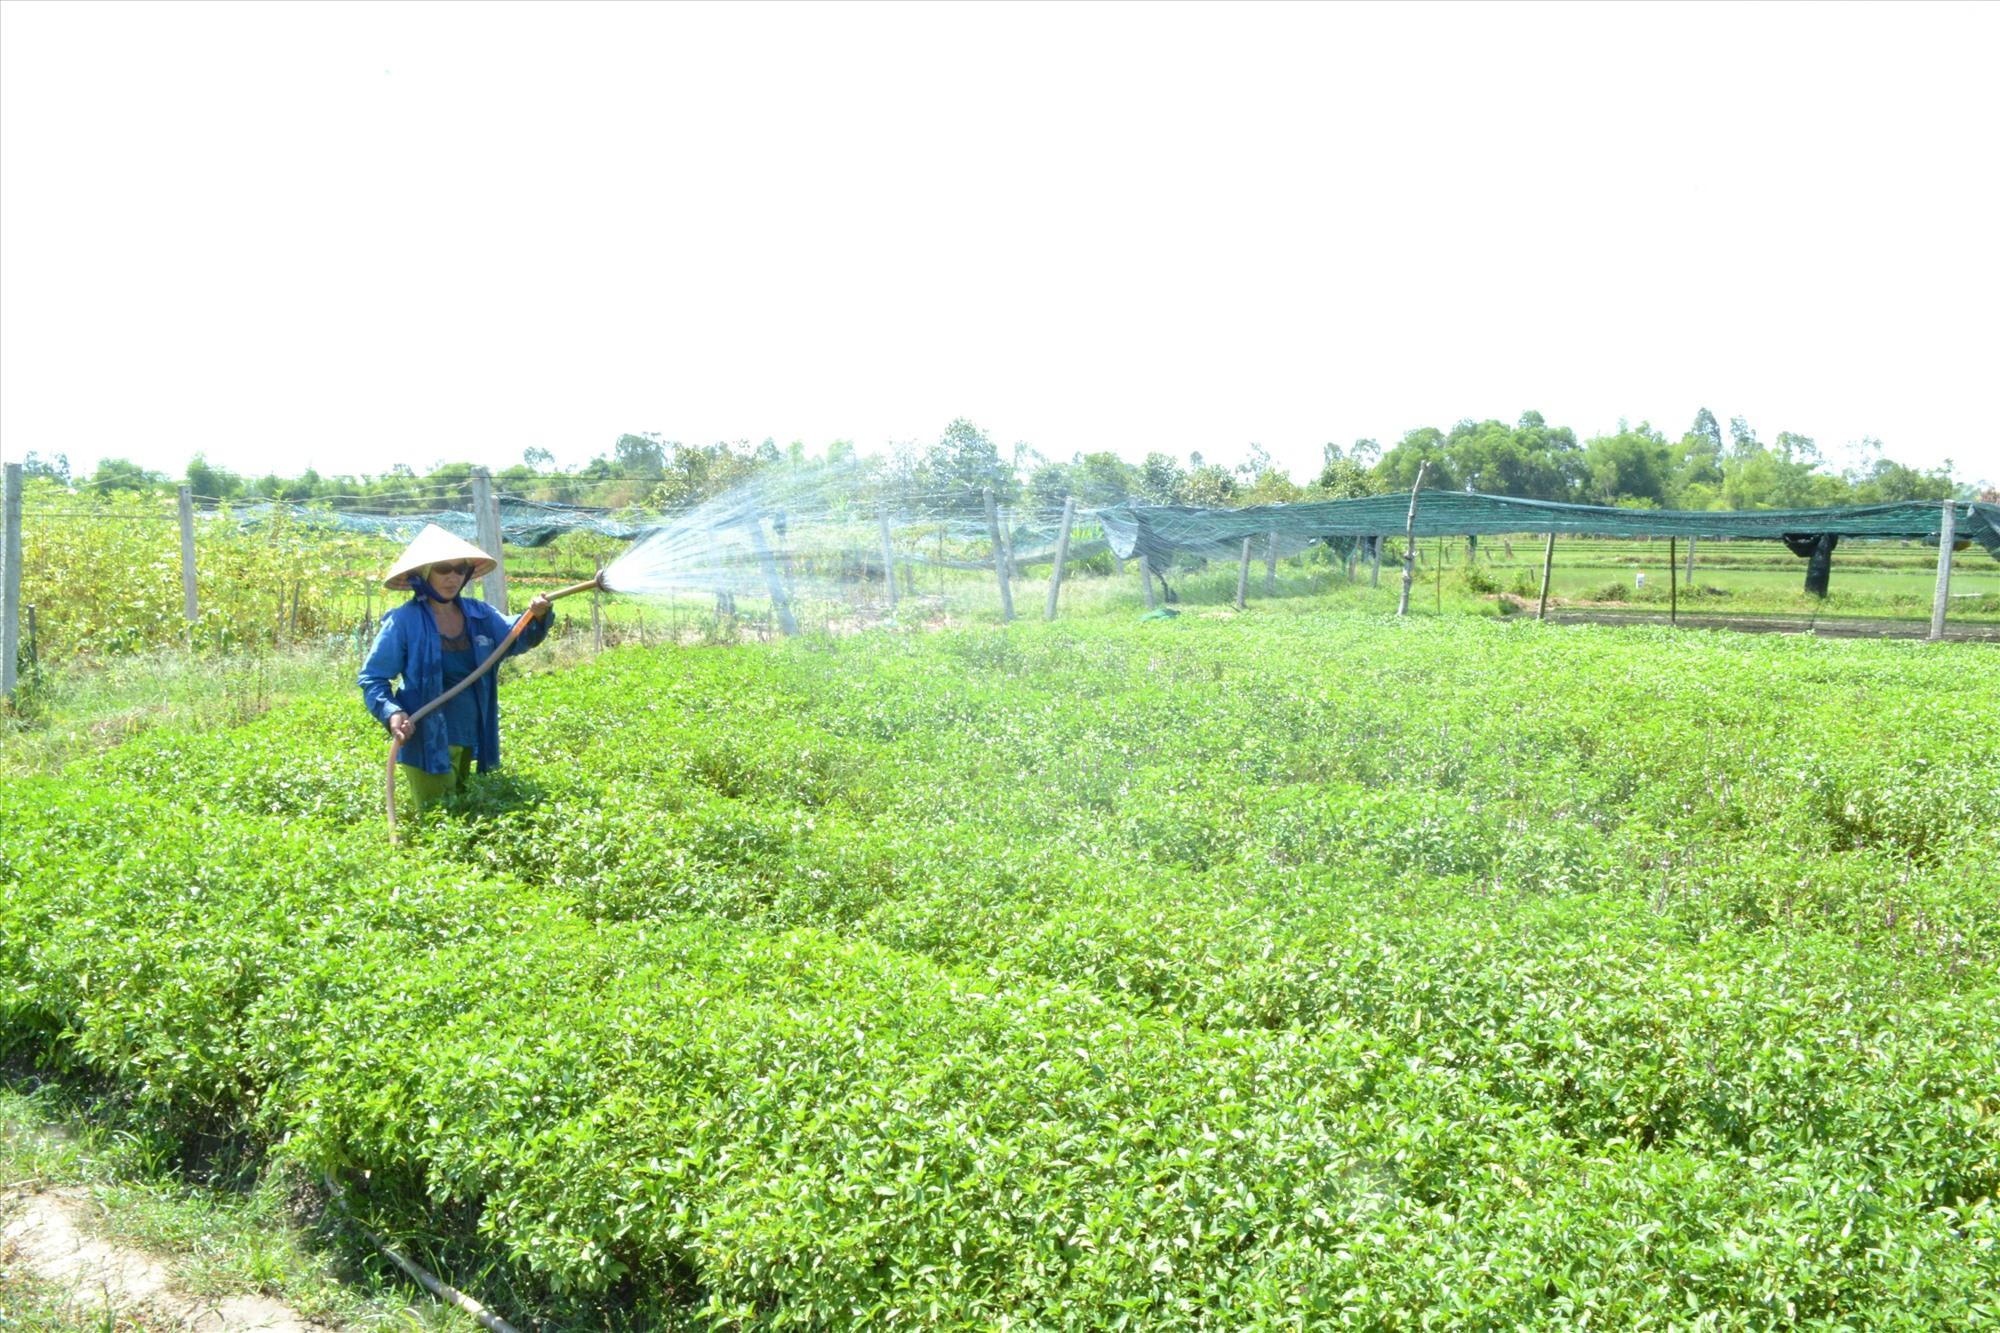 Trong năm nay, toàn tỉnh đã chuyển đổi gần 2 nghìn héc ta đất để tập trung sản xuất nông nghiệp hàng hóa. Ảnh: VIỆT NGUYỄN